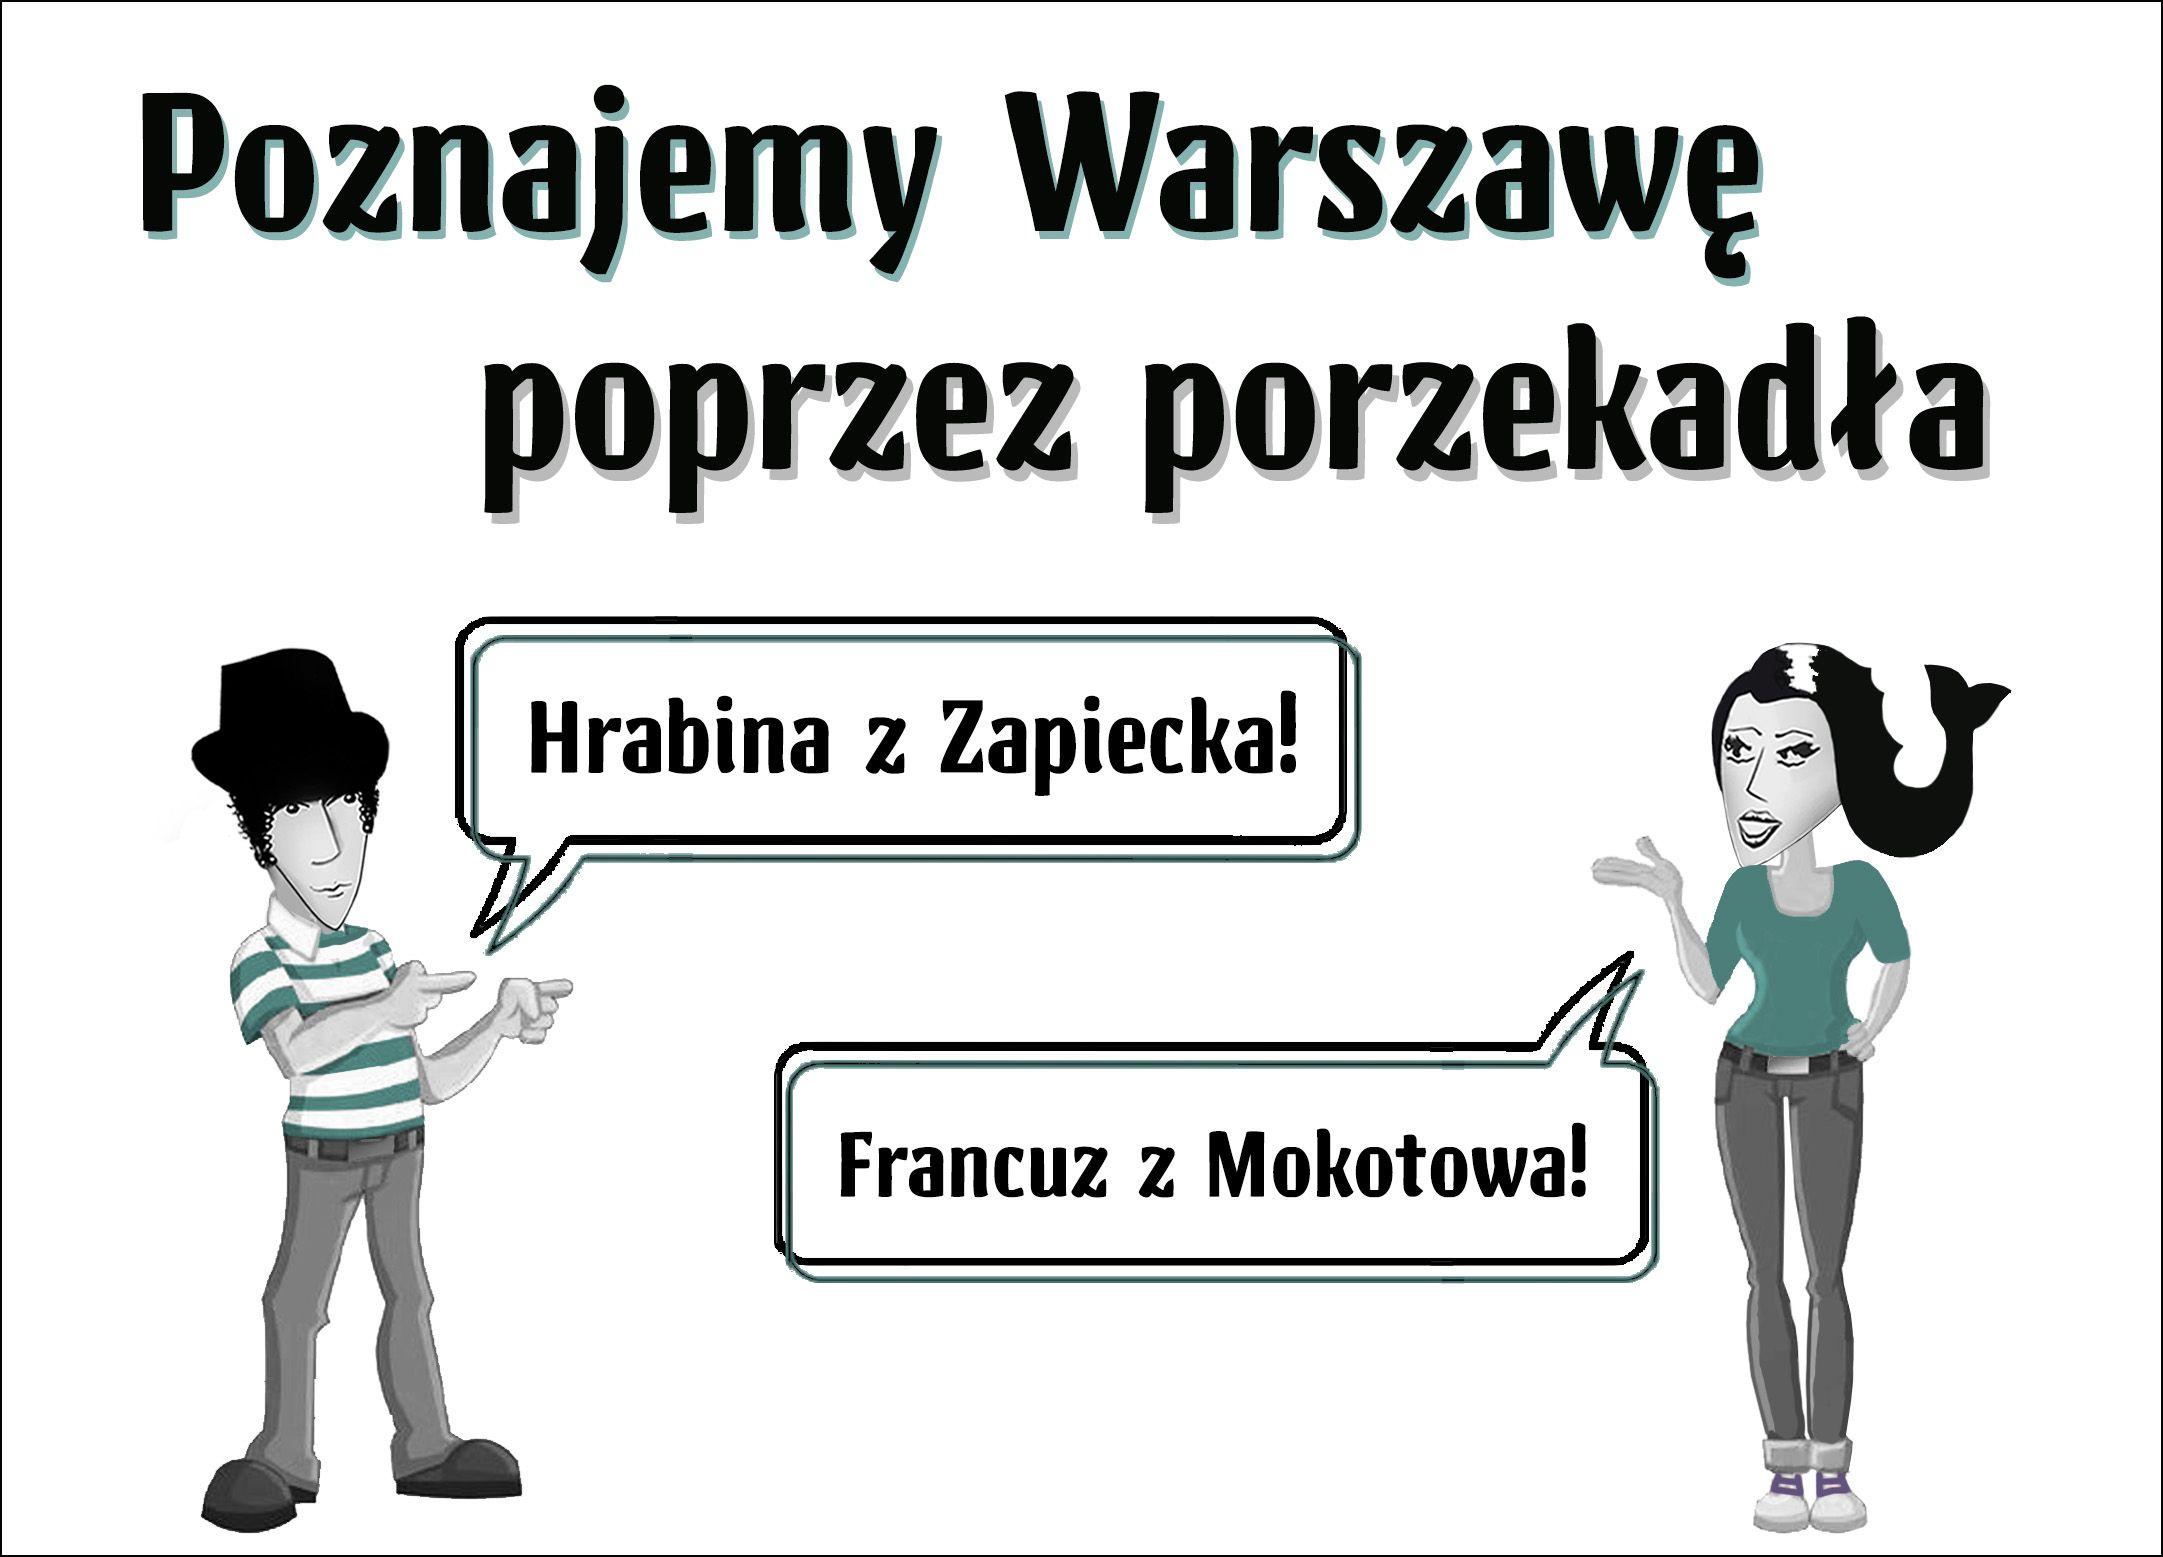 Poznajemy Warszawę poprzez porzekadła